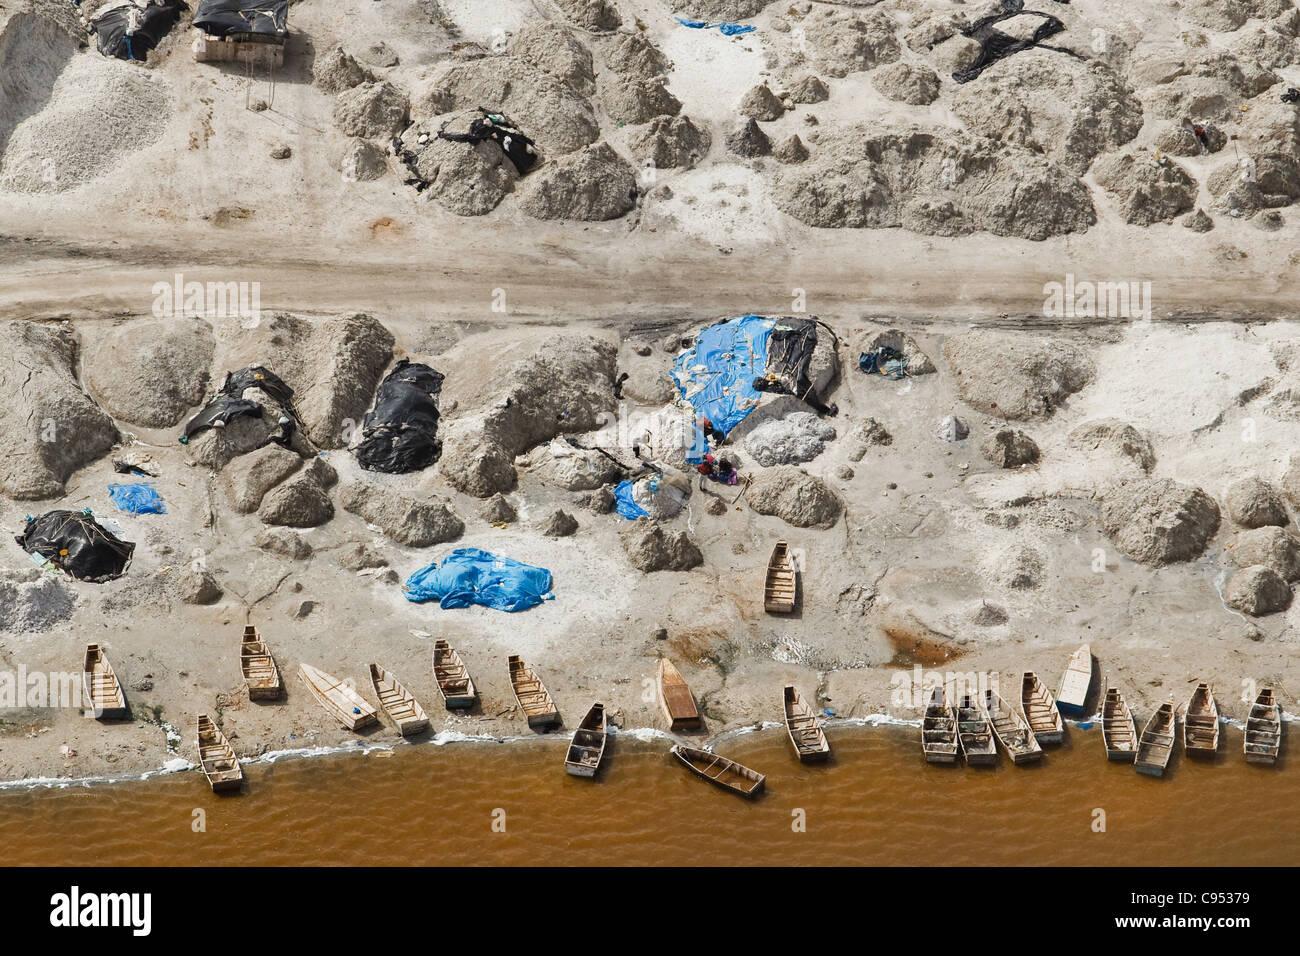 Pirogues et la production de sel sur les rives du Lac Rose (Lac Rose) près de Dakar, Sénégal. Photo Stock